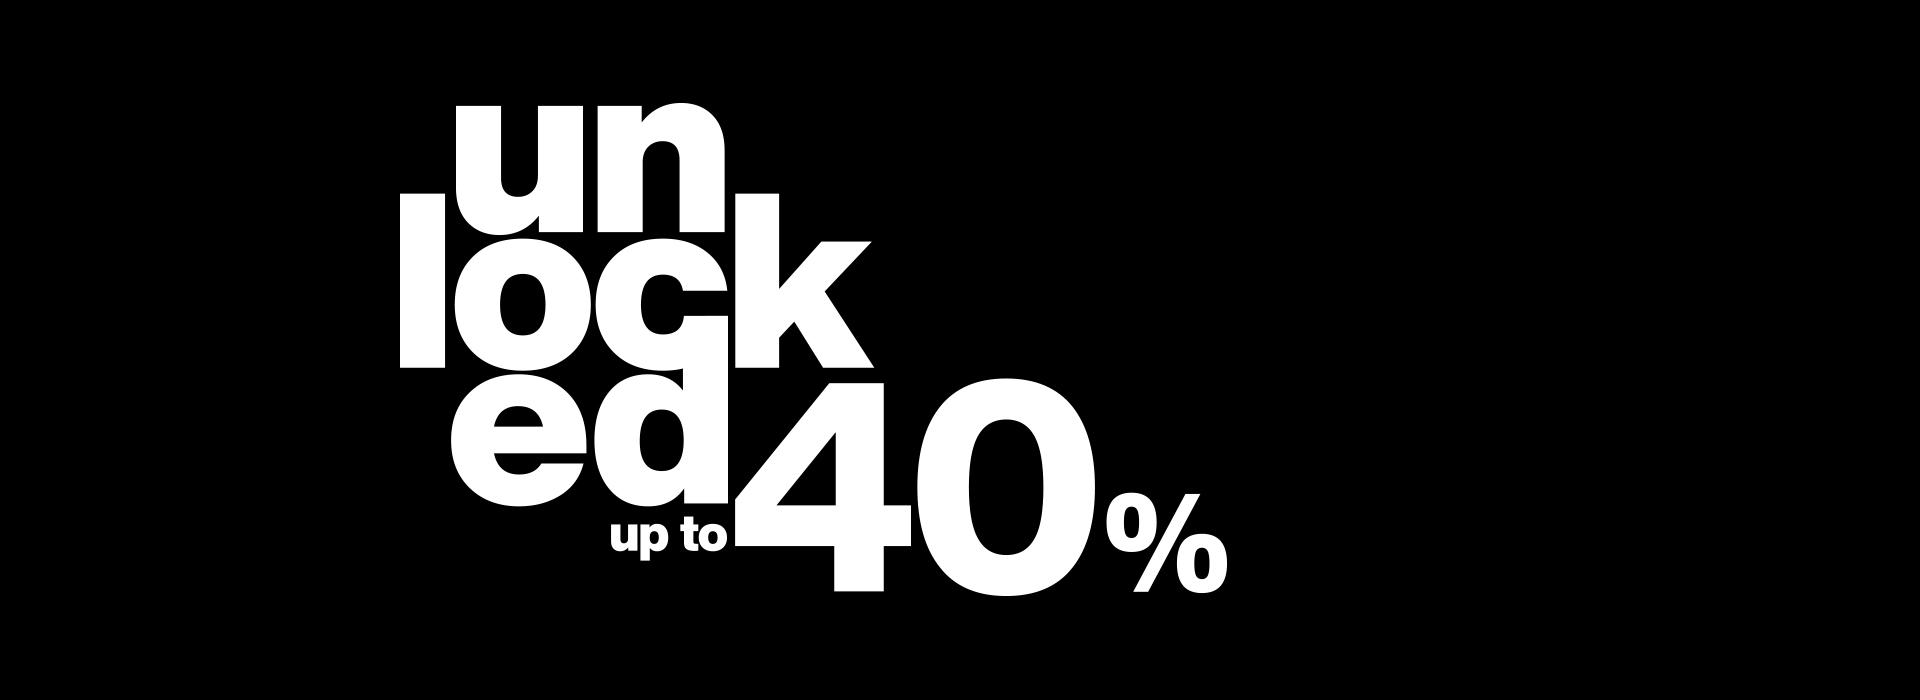 sconti fino al 40% su tutta la collezione p/e 2020 uomo e donna